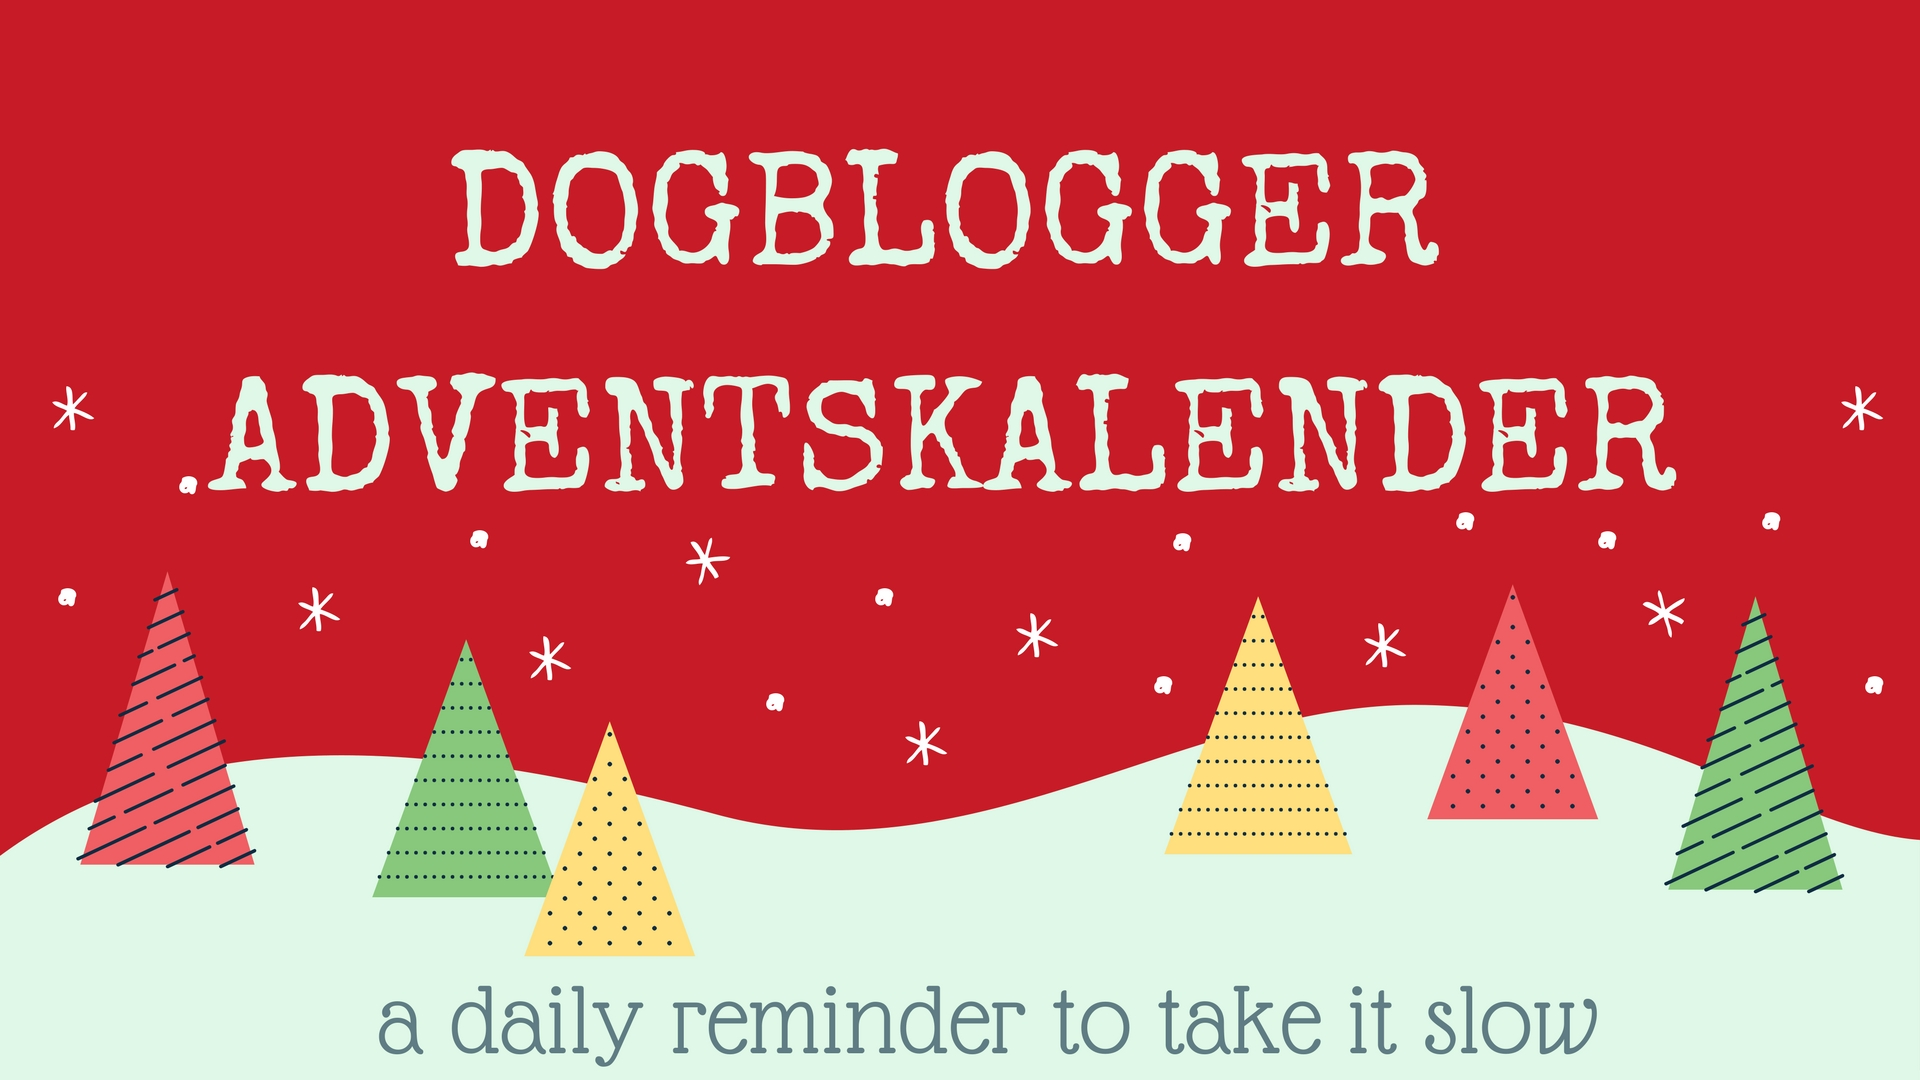 Dogblogger Adventskalender